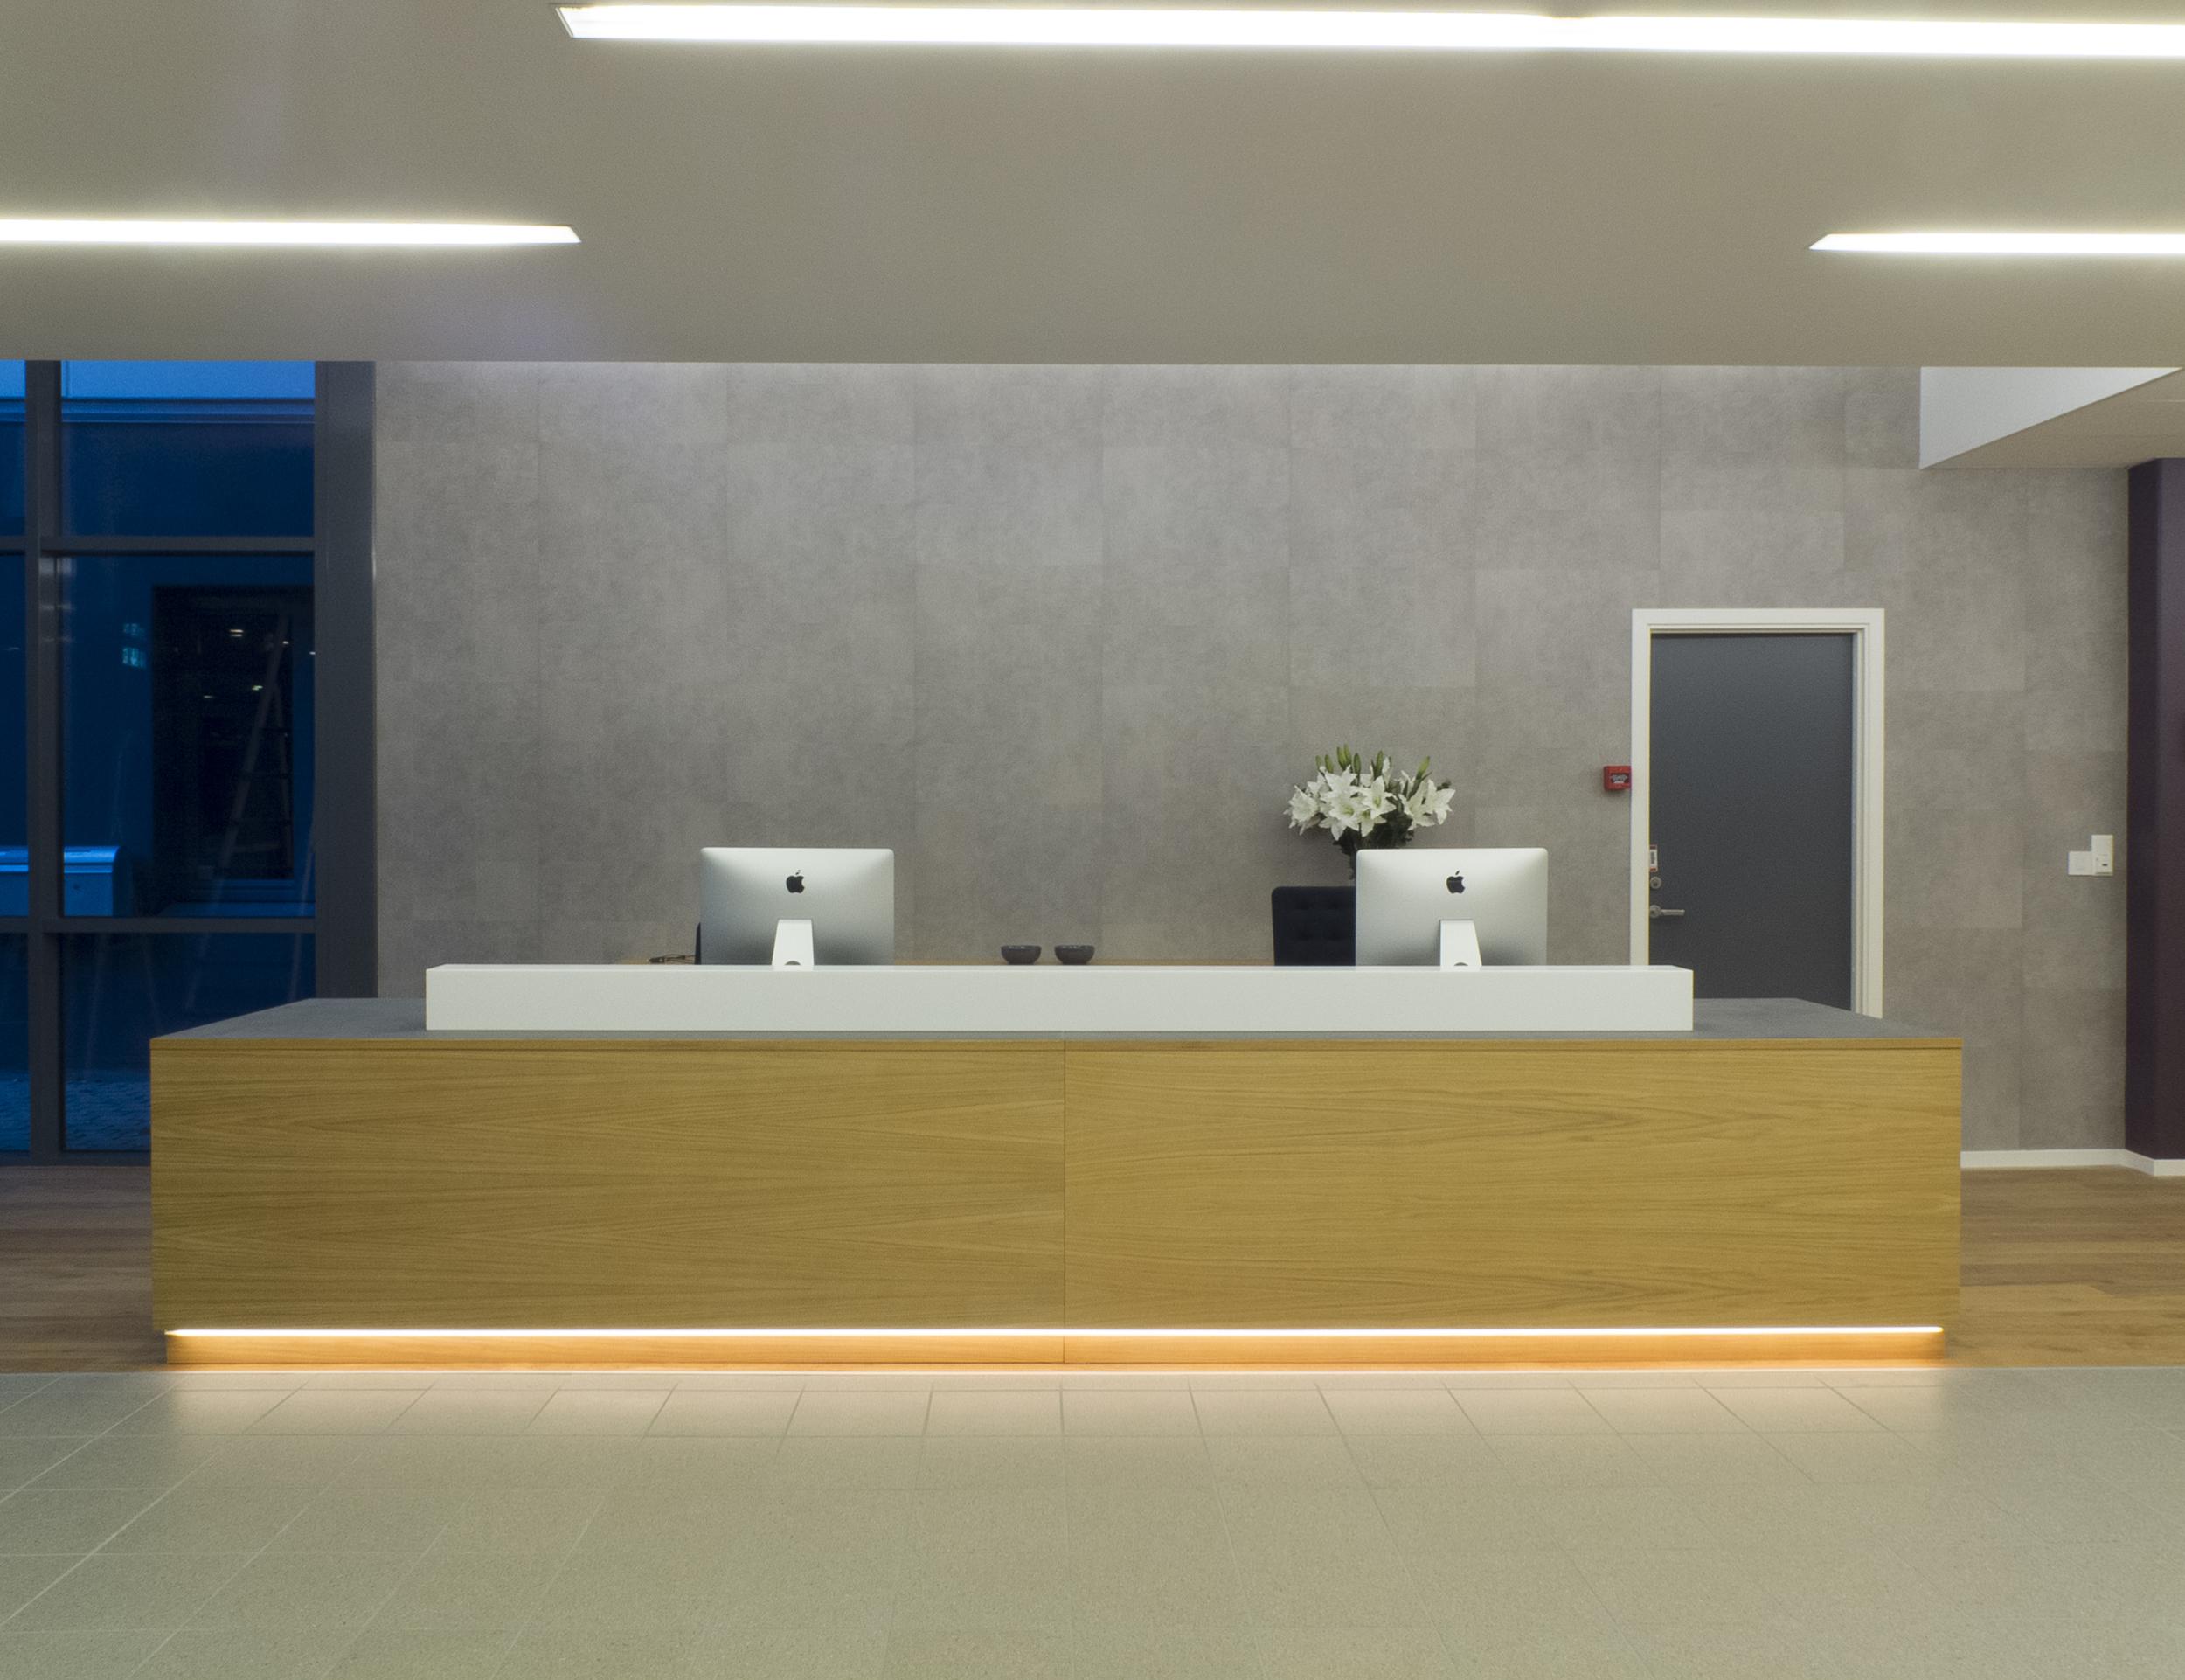 Badehusgaten 37 i Stavanger. Vis fram rommet. Vær bevisst på hvordan man får rommet til å virke høyt og luftig. Dynamisk kontroll kan vise ulike tolkninger av rommet. Lysdesign ved ZENISK. Interiørdesign IARK. Foto: ZENISK